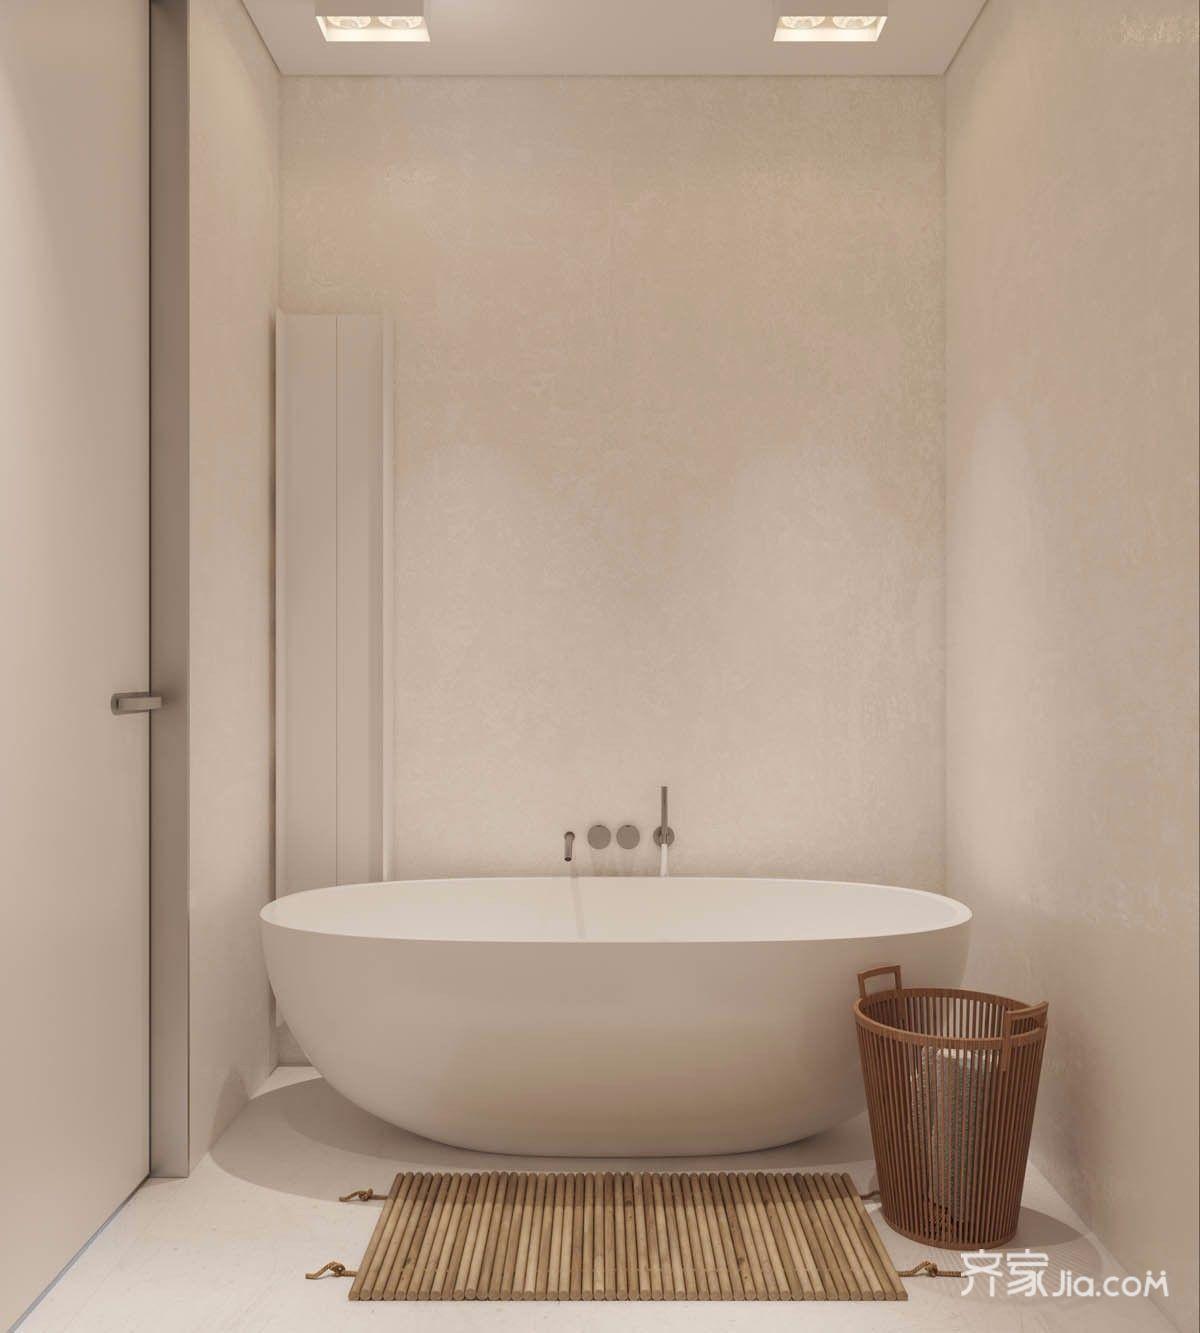 小户型极简风格装修浴缸设计图